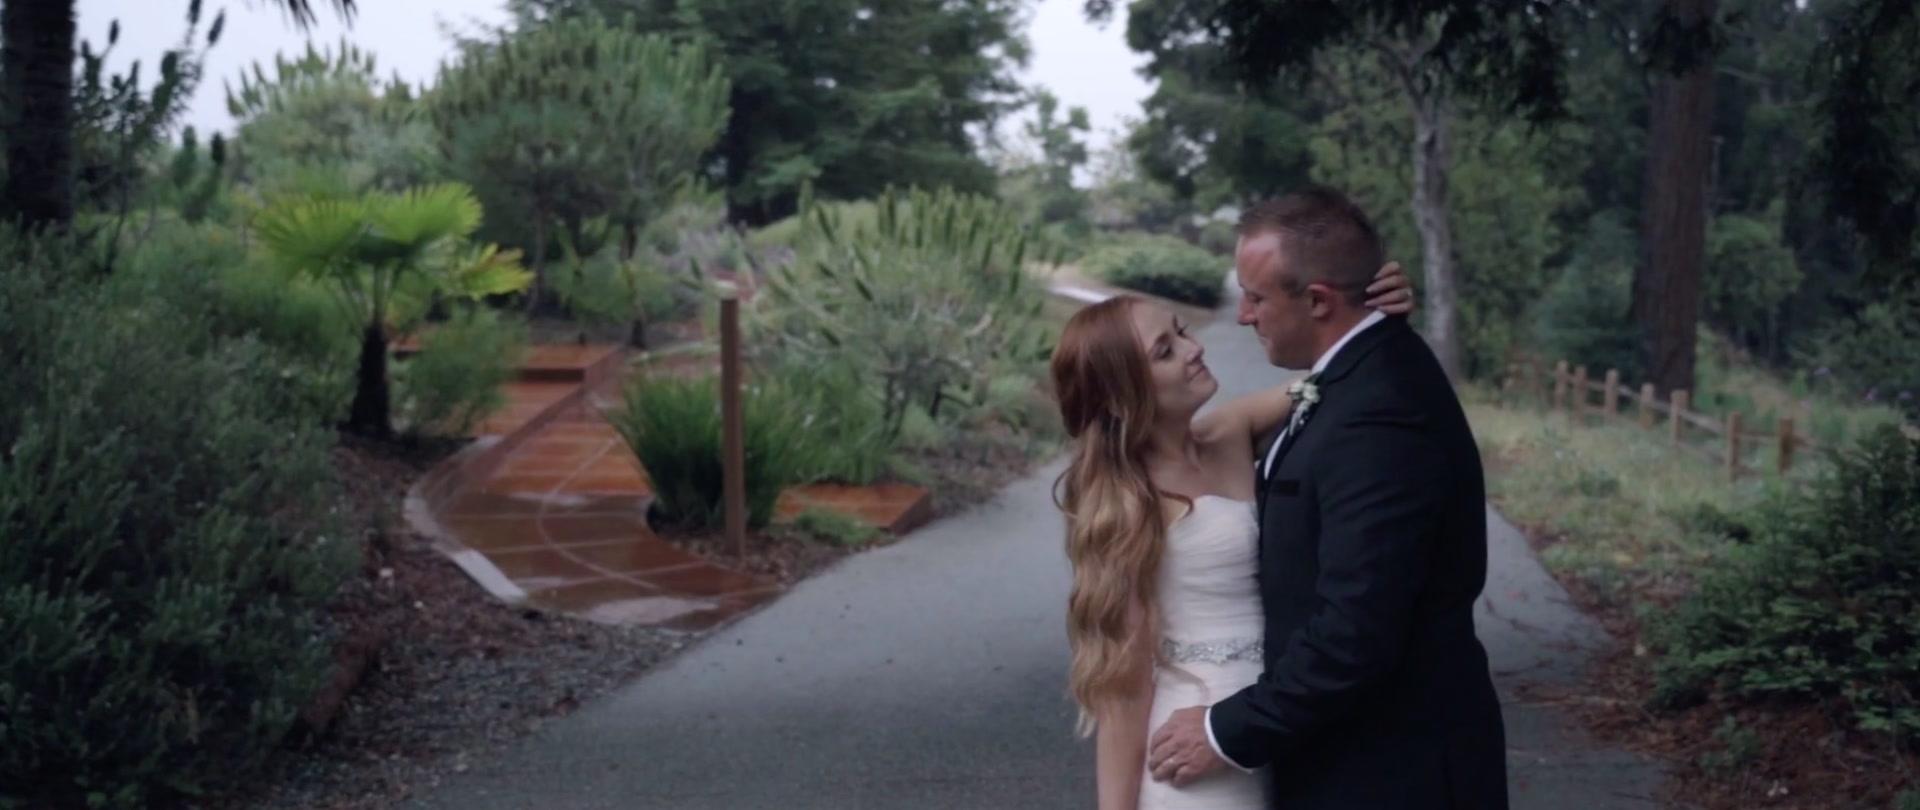 Melanie  + Bryan | Soquel, California | Kennolyn Hilltop Hacienda